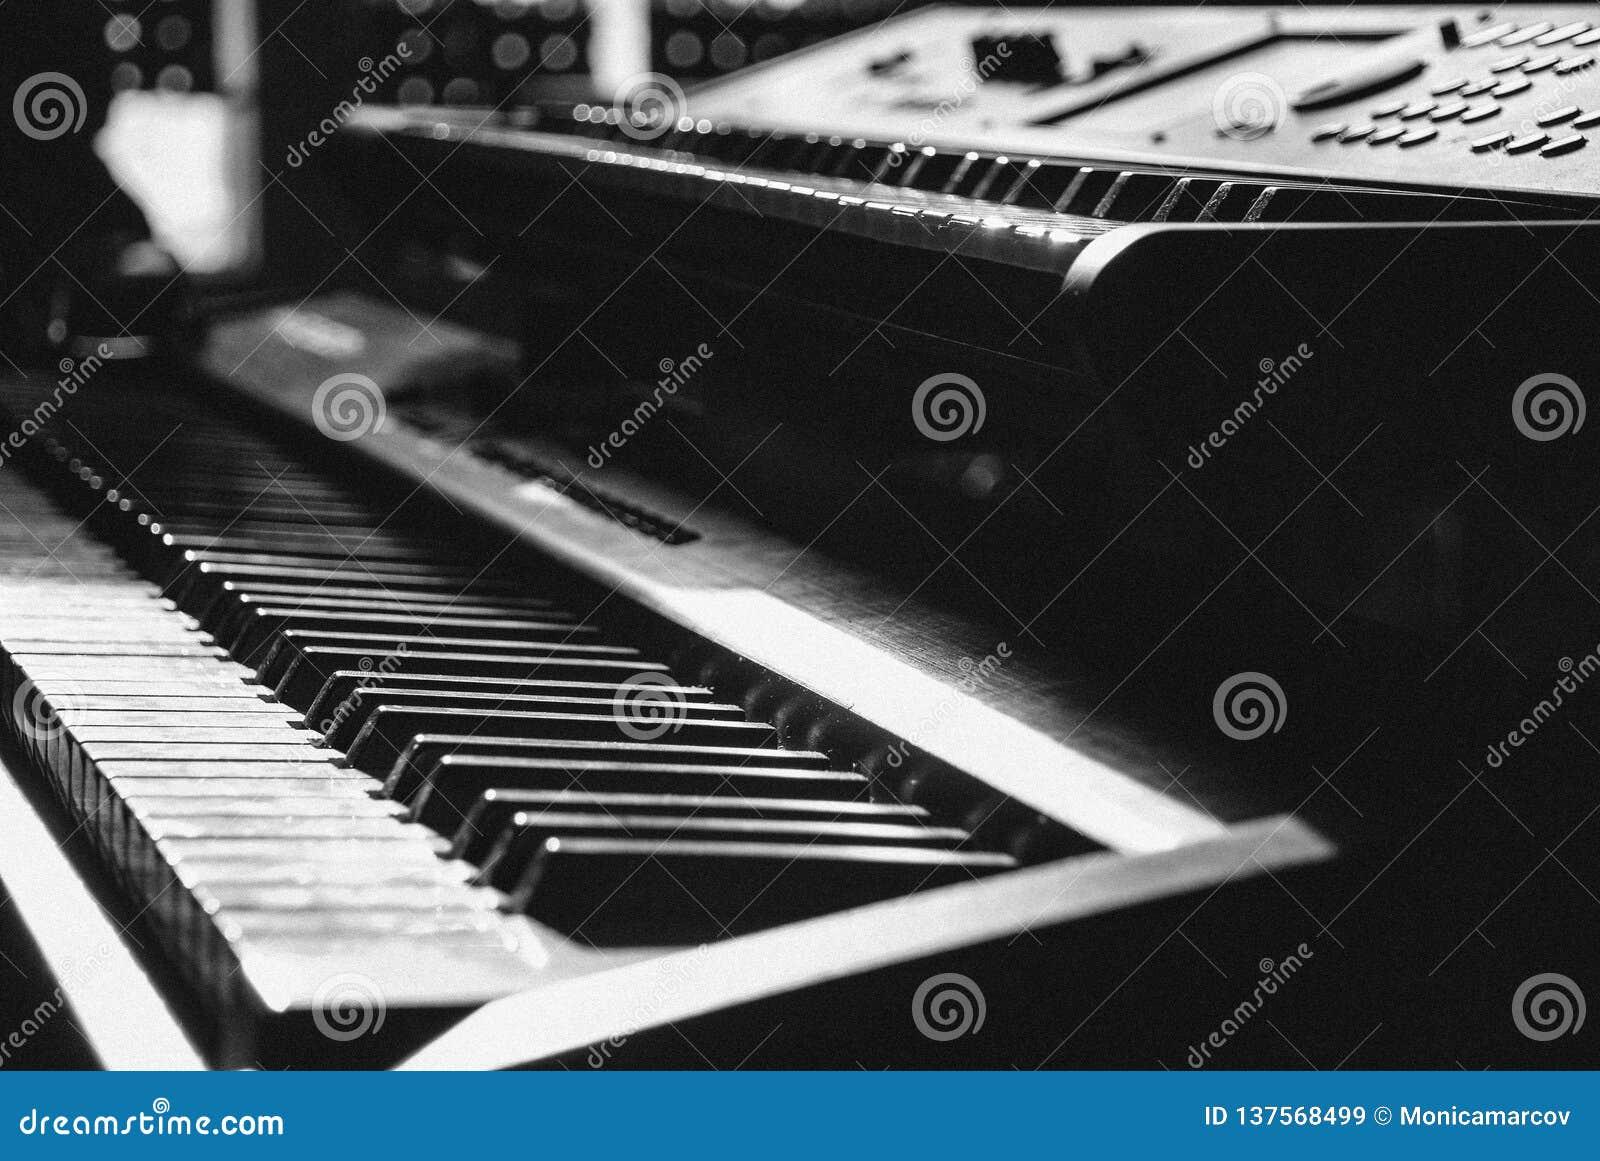 单色键盘在瞥见的焦点